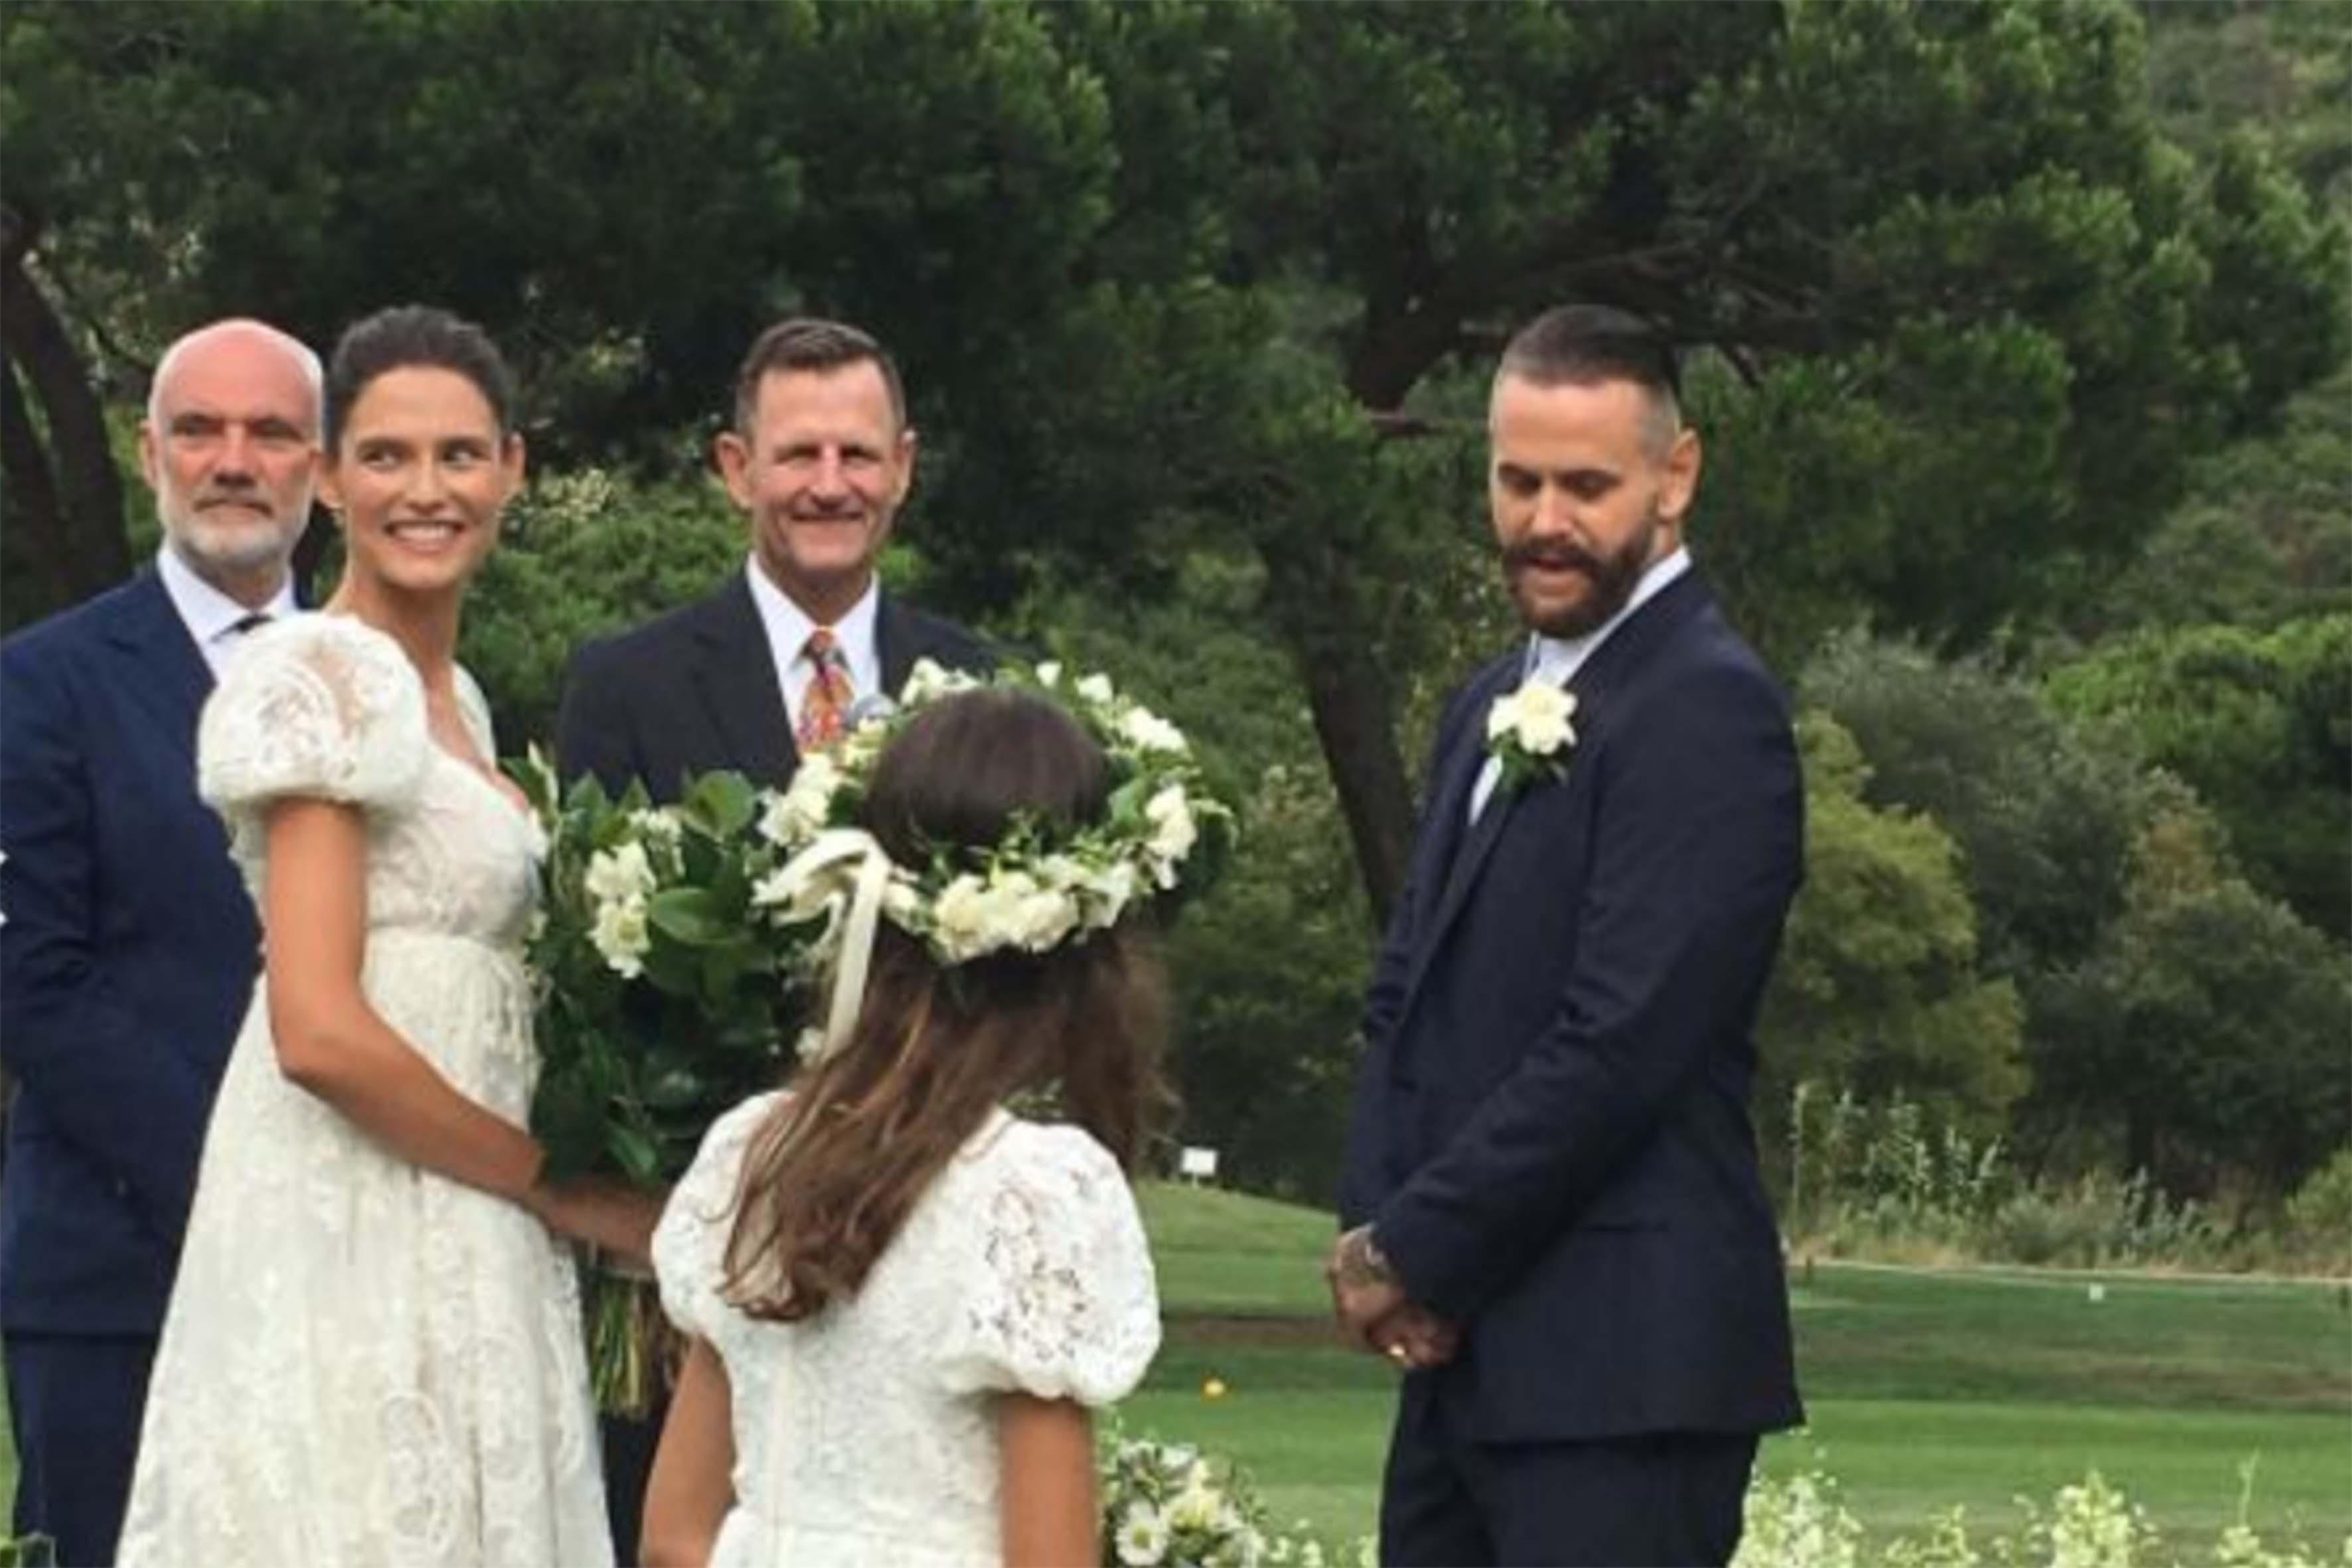 Bianca e Matthew si sono sposati il 1 agosto 2017 in un ranch in California. Entrambi in abito Dolce&Gabbana. Oggi però le romantiche immagini di quel giorno sono state cancellate dal profilo Instagram della modella